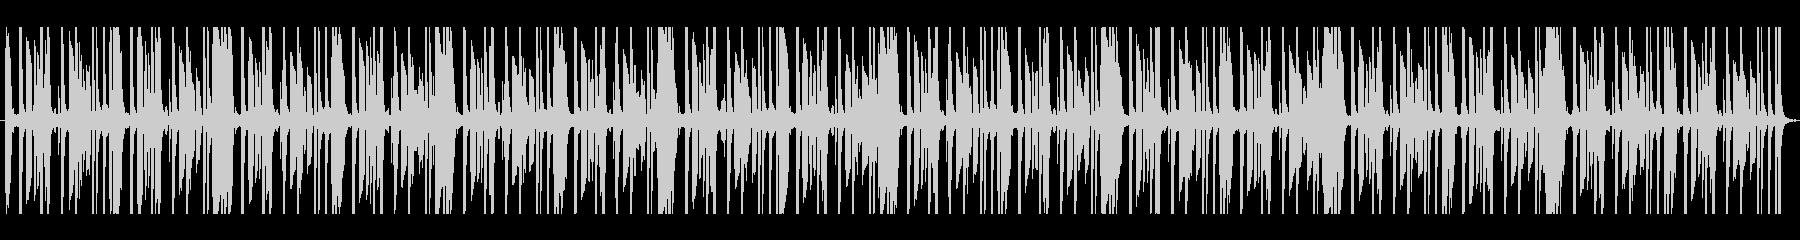 怪しげなサウンドのリズム系トラックです。の未再生の波形